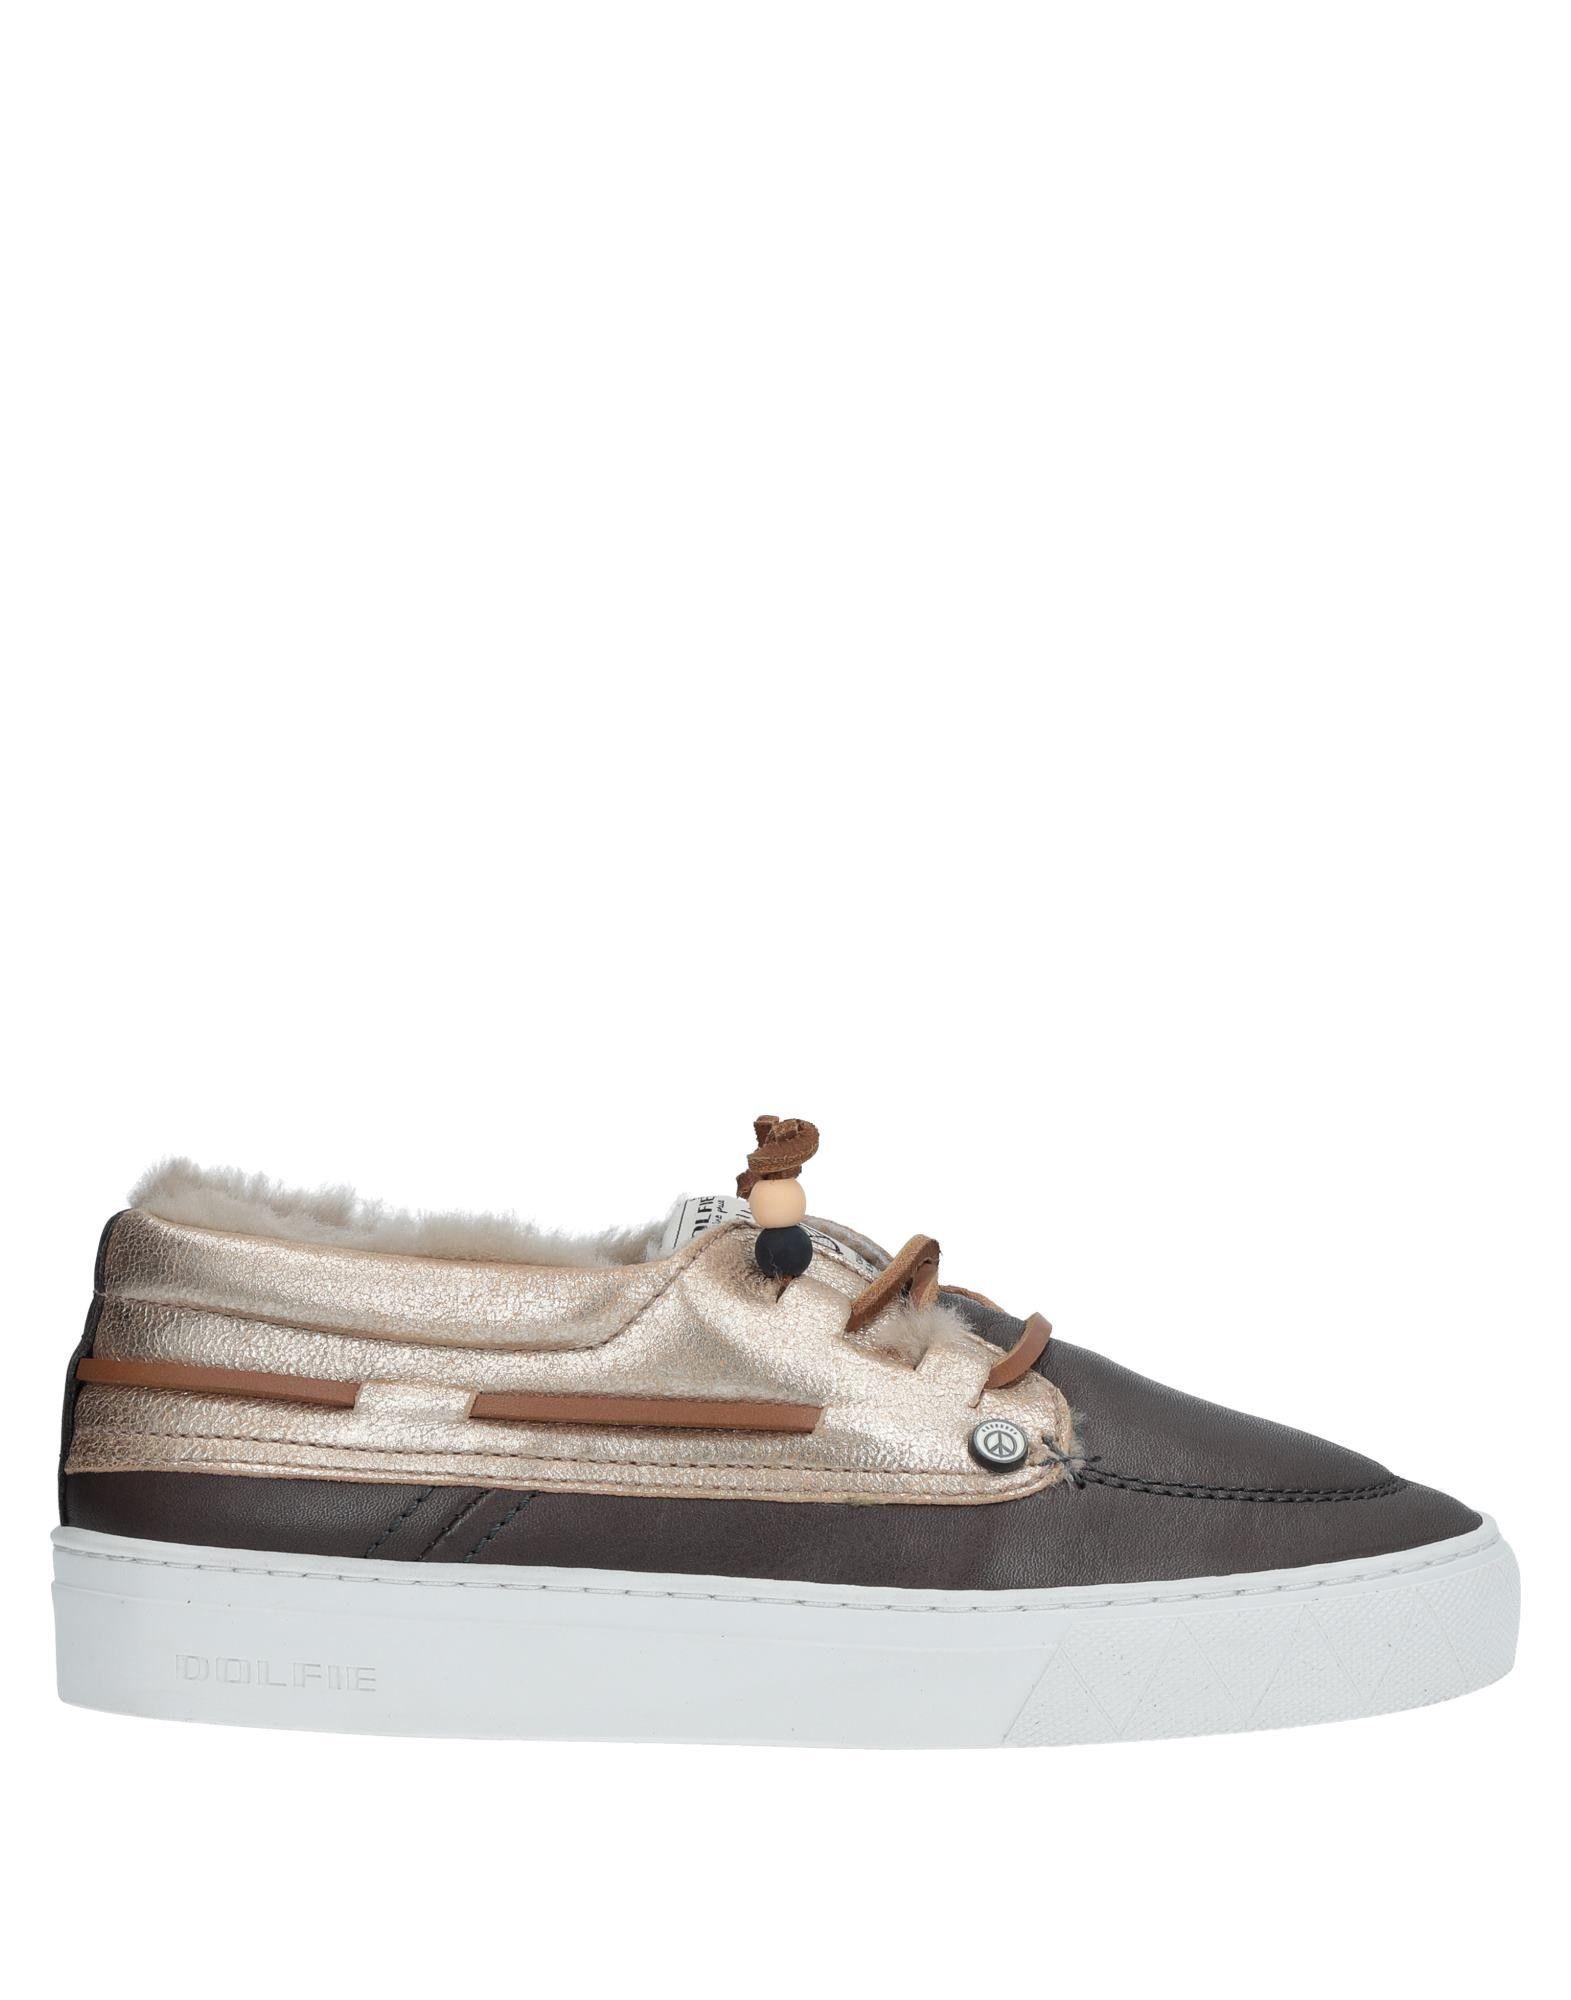 Dolfie Mokassins Damen  11527938KB Gute Qualität beliebte Schuhe